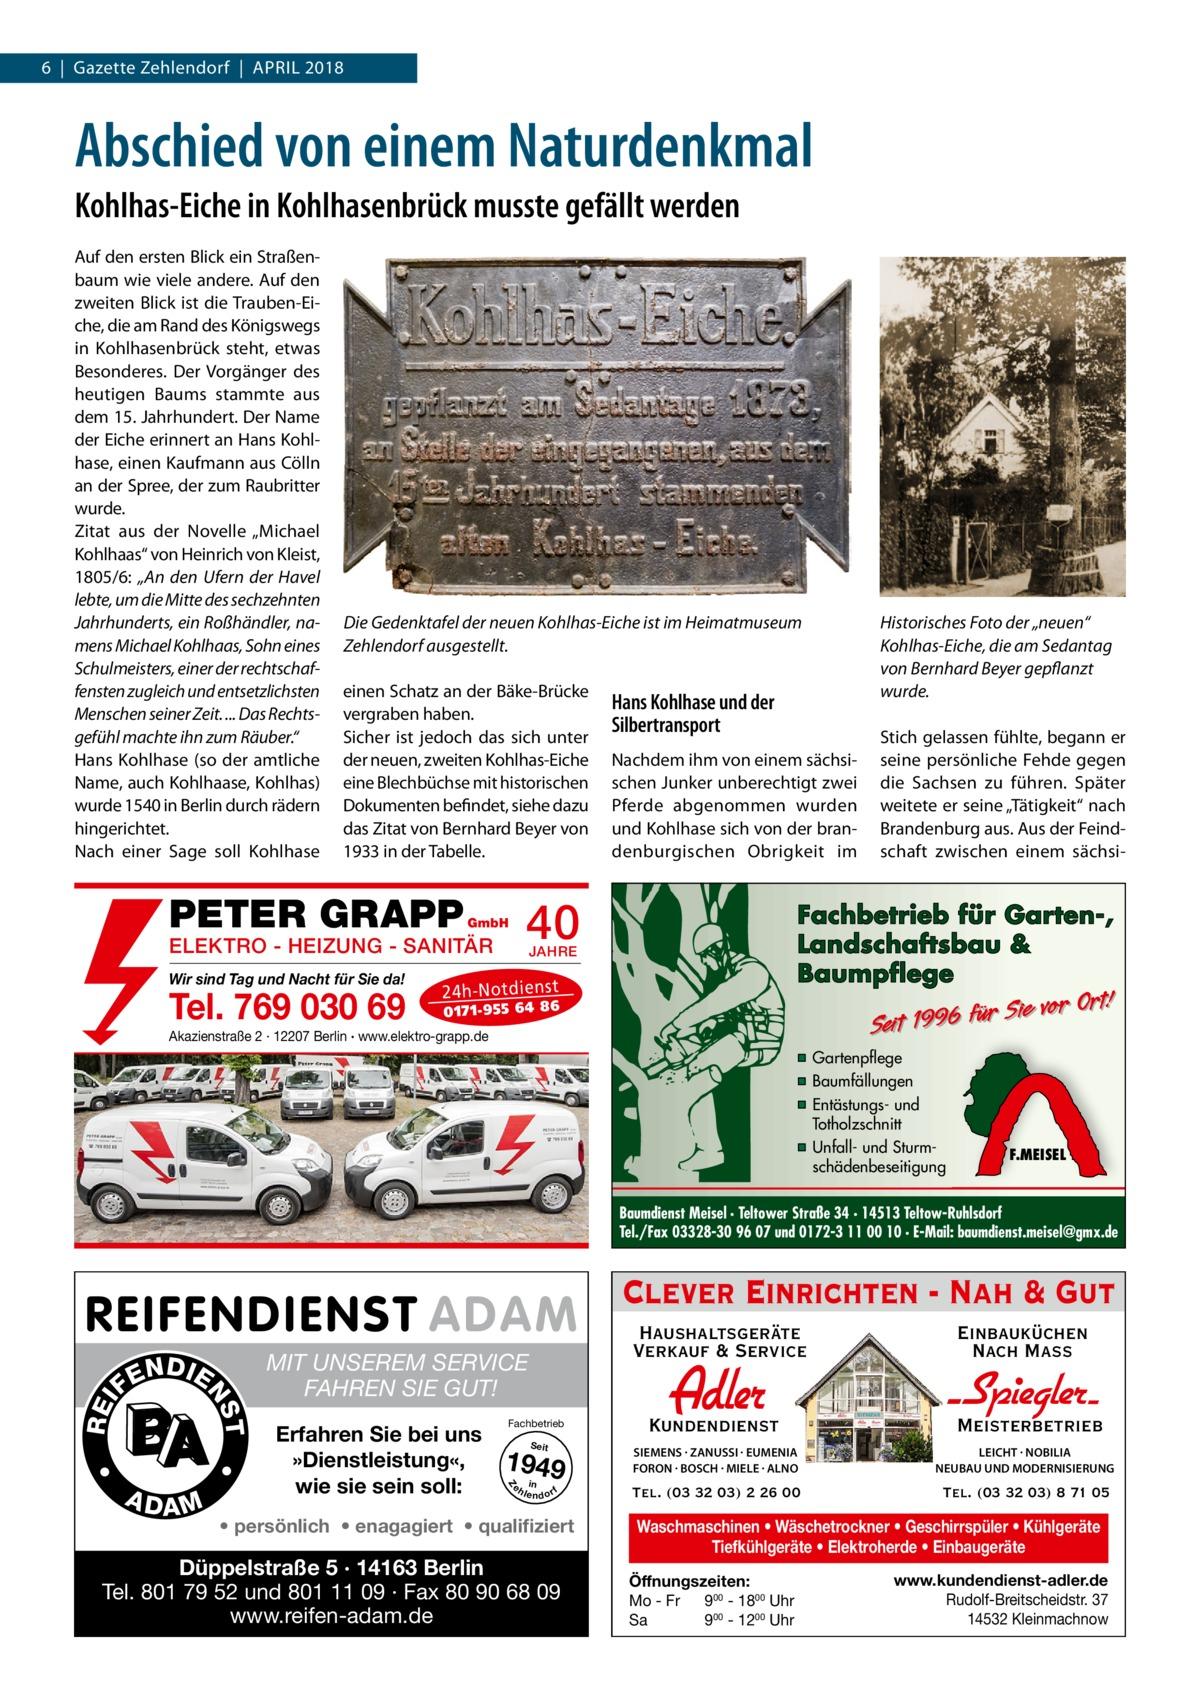 """6 Gazette Zehlendorf April 2018  Abschied von einem Naturdenkmal Kohlhas-Eiche in Kohlhasenbrück musste gefällt werden Auf den ersten Blick ein Straßenbaum wie viele andere. Auf den zweiten Blick ist die Trauben-Eiche, die am Rand des Königswegs in Kohlhasenbrück steht, etwas Besonderes. Der Vorgänger des heutigen Baums stammte aus dem 15.Jahrhundert. Der Name der Eiche erinnert an Hans Kohlhase, einen Kaufmann aus Cölln an der Spree, der zum Raubritter wurde. Zitat aus der Novelle """"Michael Kohlhaas"""" von Heinrich von Kleist, 1805/6: """"An den Ufern der Havel lebte, um die Mitte des sechzehnten Jahrhunderts, ein Roßhändler, namens Michael Kohlhaas, Sohn eines Schulmeisters, einer der rechtschaffensten zugleich und entsetzlichsten Menschen seiner Zeit. ... Das Rechtsgefühl machte ihn zum Räuber."""" Hans Kohlhase (so der amtliche Name, auch Kohlhaase, Kohlhas) wurde 1540 in Berlin durch rädern hingerichtet. Nach einer Sage soll Kohlhase  Die Gedenktafel der neuen Kohlhas-Eiche ist im Heimatmuseum Zehlendorf ausgestellt. einen Schatz an der Bäke-Brücke vergraben haben. Sicher ist jedoch das sich unter der neuen, zweiten Kohlhas-Eiche eine Blechbüchse mit historischen Dokumenten befindet, siehe dazu das Zitat von Bernhard Beyer von 1933 in der Tabelle.  PETER GRAPP Tel. 769 030 69  Nachdem ihm von einem sächsischen Junker unberechtigt zwei Pferde abgenommen wurden und Kohlhase sich von der brandenburgischen Obrigkeit im  40  GmbH  ELEKTRO - HEIZUNG - SANITÄR Wir sind Tag und Nacht für Sie da!  Hans Kohlhase und der Silbertransport  Historisches Foto der """"neuen"""" Kohlhas-Eiche, die am Sedantag von Bernhard Beyer gepflanzt wurde. Stich gelassen fühlte, begann er seine persönliche Fehde gegen die Sachsen zu führen. Später weitete er seine """"Tätigkeit"""" nach Brandenburg aus. Aus der Feindschaft zwischen einem sächsi Fachbetrieb für Garten-, Landschaftsbau & Baumpflege  JAHRE  24 h-N ot die ns t  Sie vor Ort! r fü 6 9 19 t ei S  01 71- 95 5 64 86  Akazienstraße 2 · 12207 Berlin · ww"""